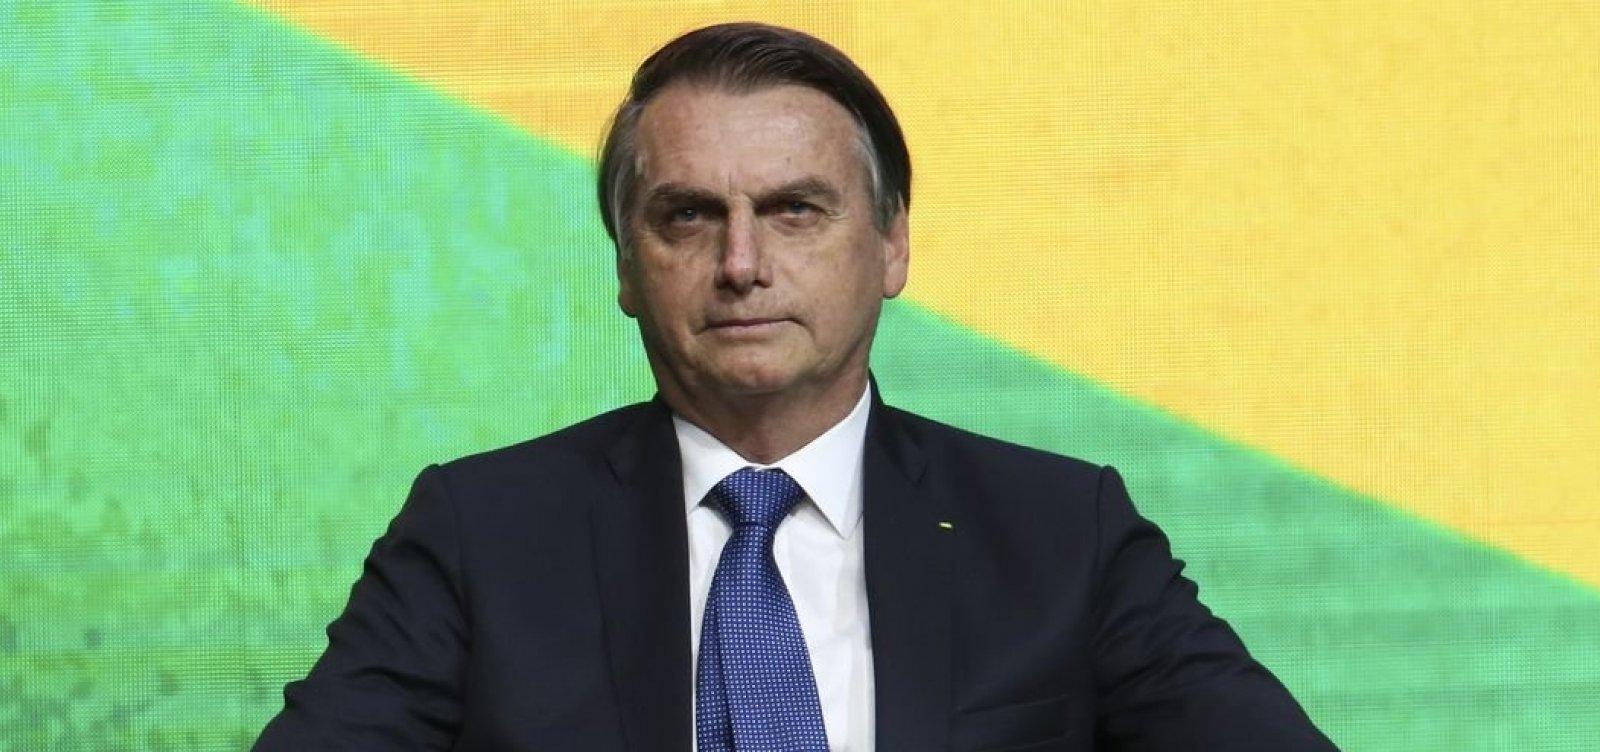 [ONG denuncia Bolsonaro à ONU por exonerar peritos antitortura]